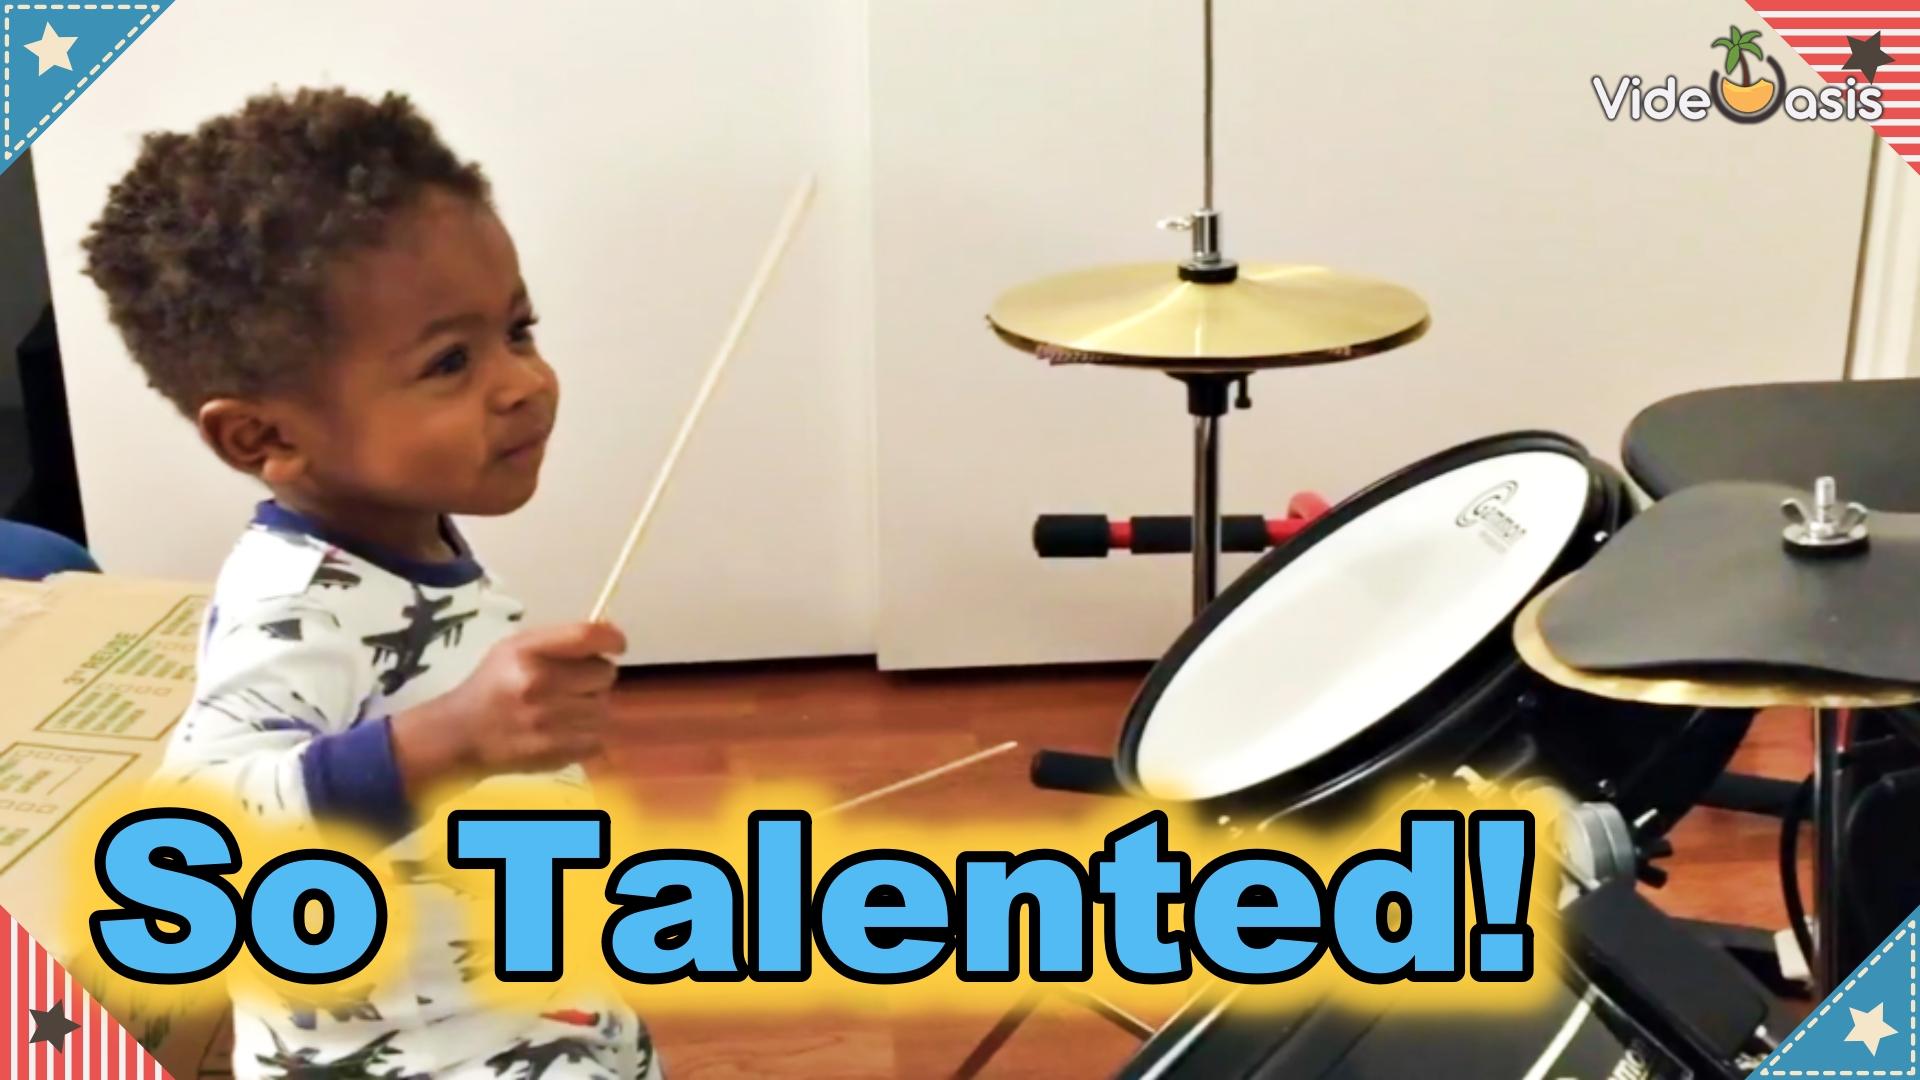 3 Talented Children|VideOasis